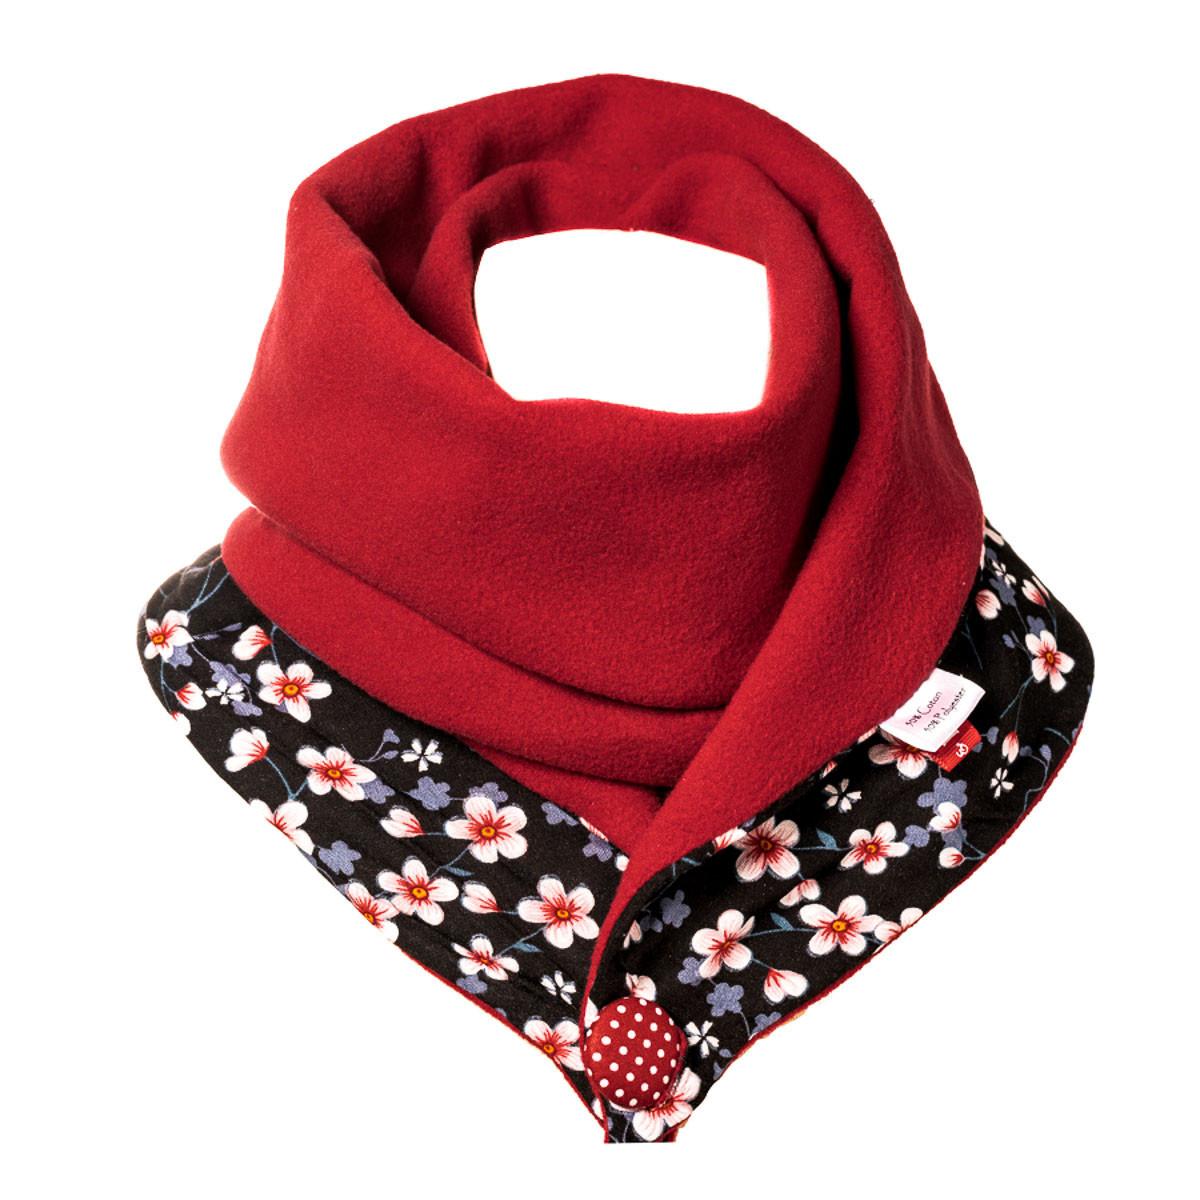 Echarpe polaire femme coton rouge et noir à fleurs